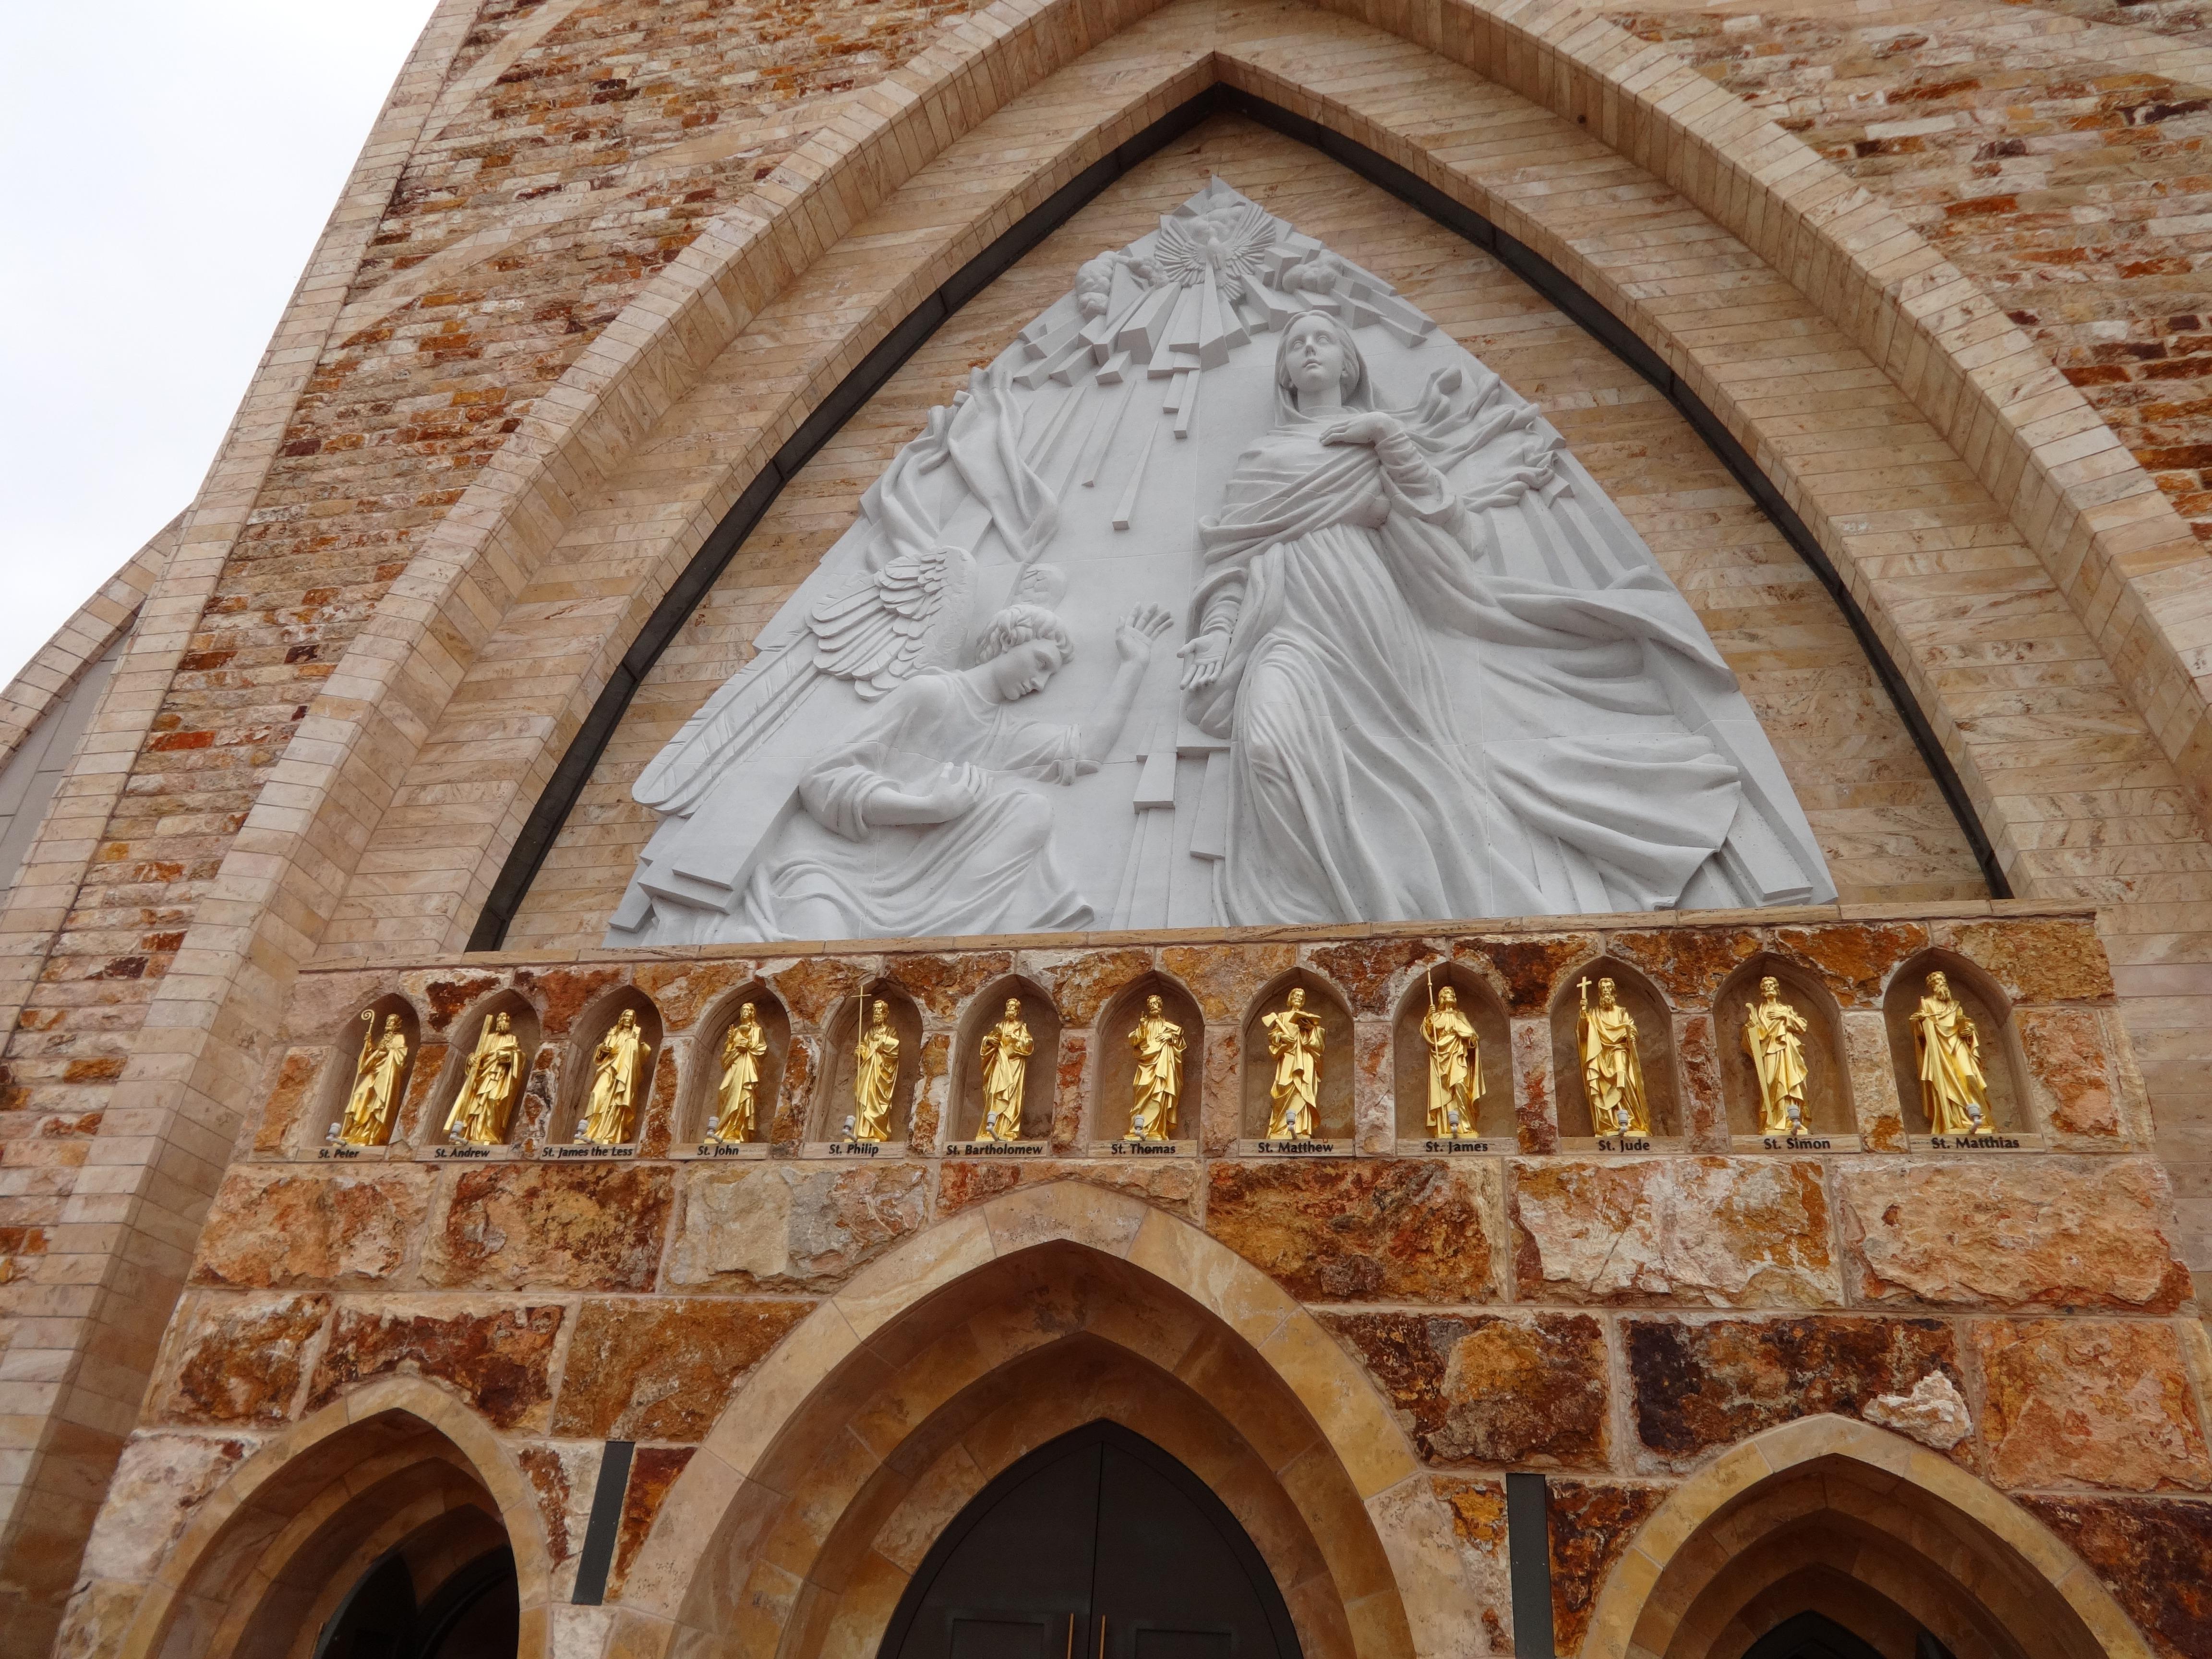 Fries Architektur kostenlose foto die architektur gebäude bogen religion fassade